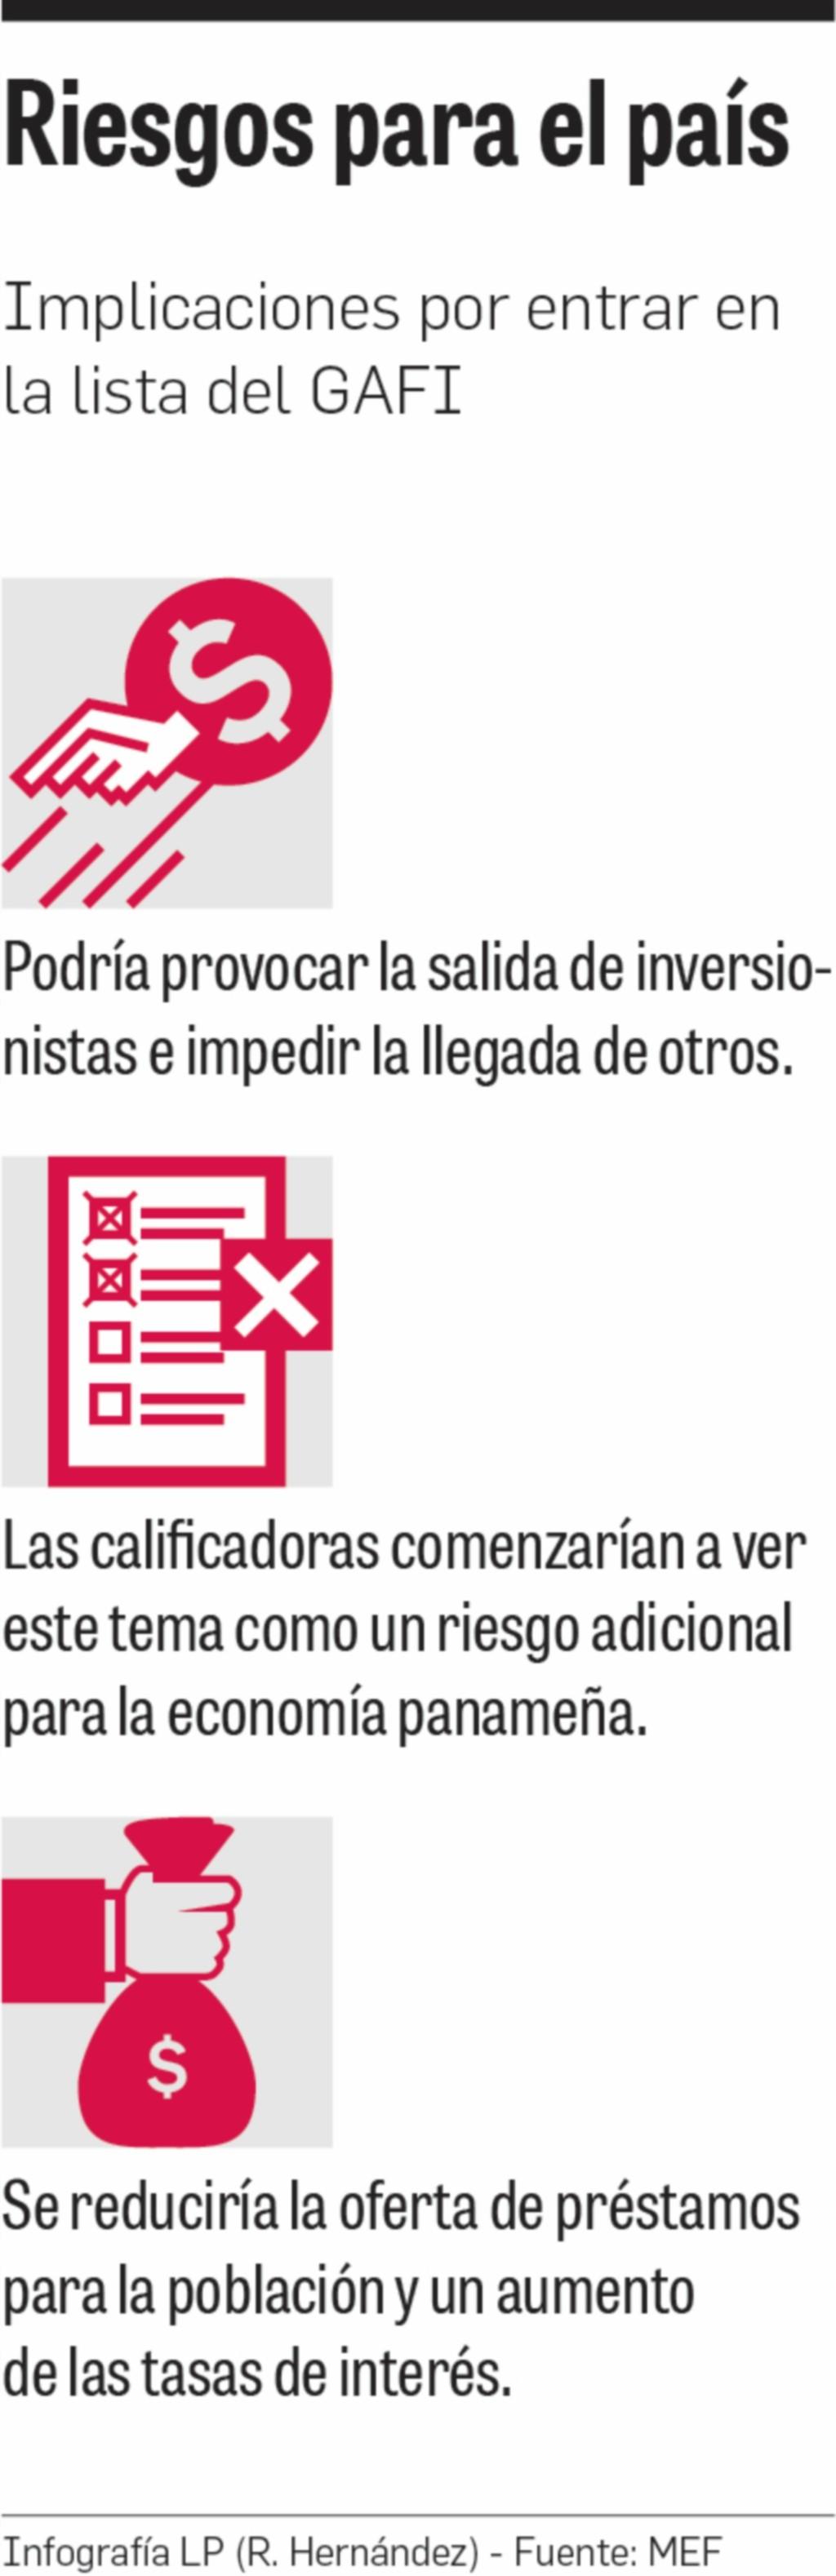 Calendario Octubre 2019 Para Imprimir Argentina Más Actual Instan Penalizar Delito Fiscal